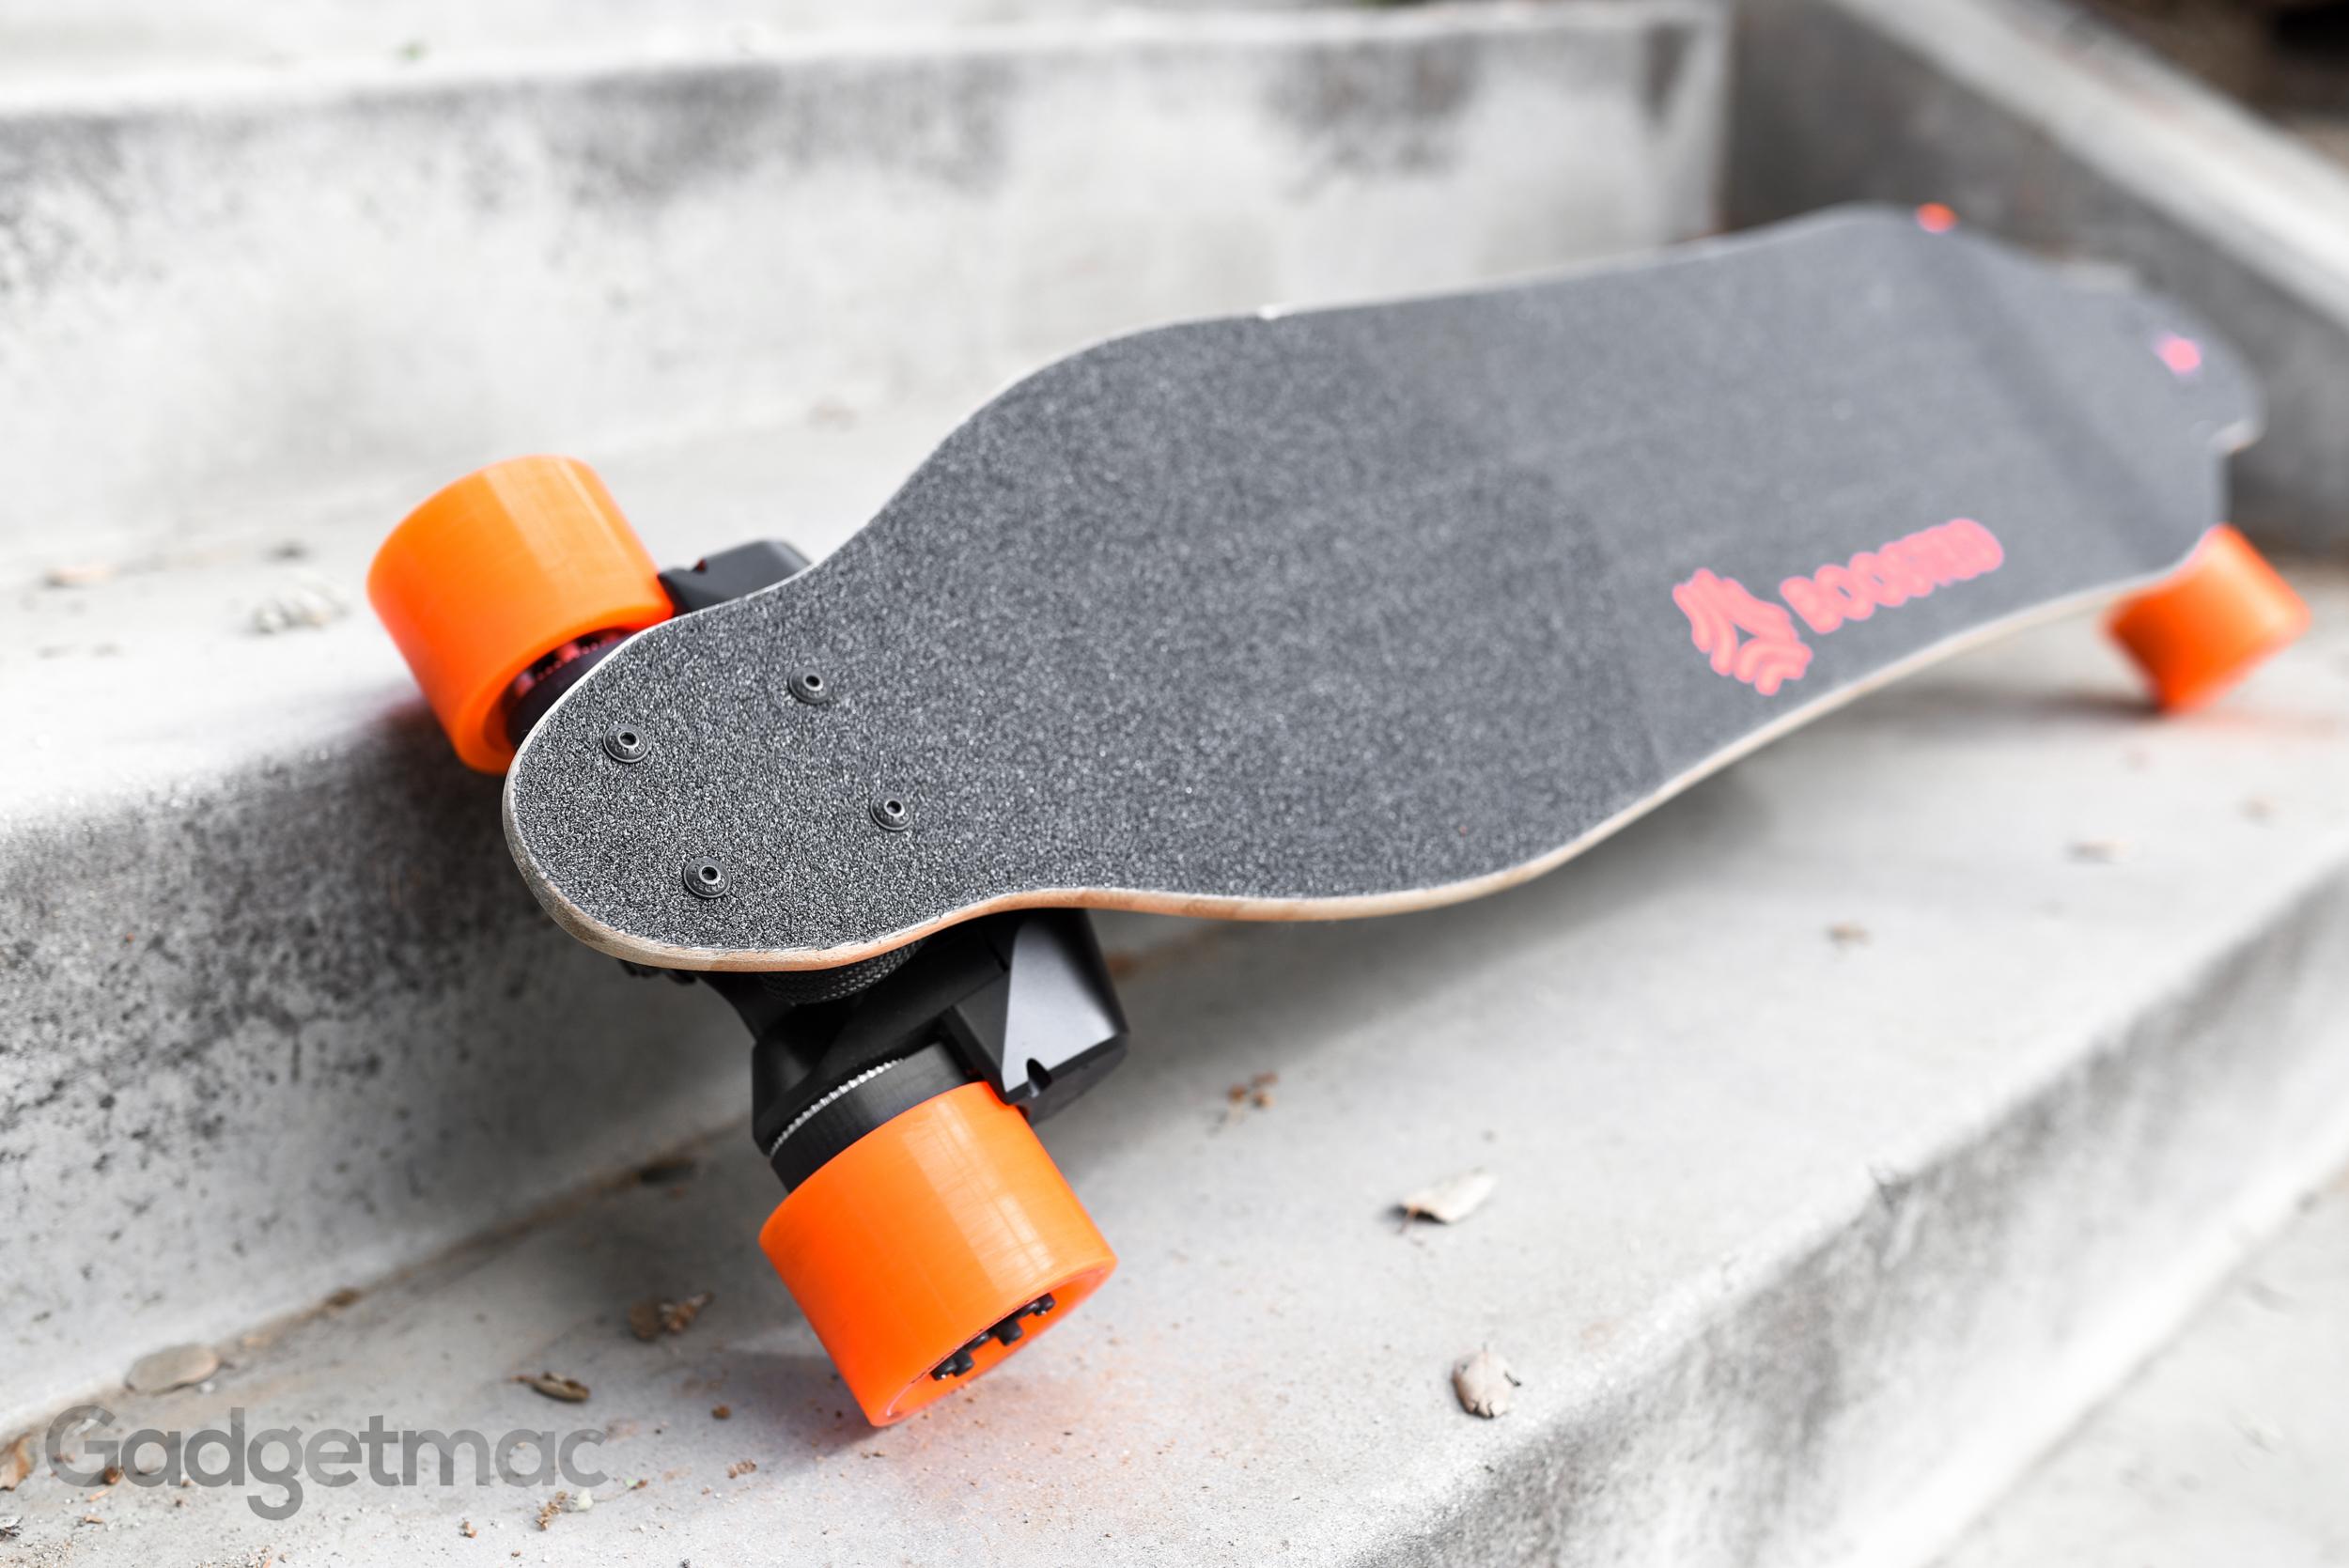 boosted-board-electric-skateboard-longboard.jpg